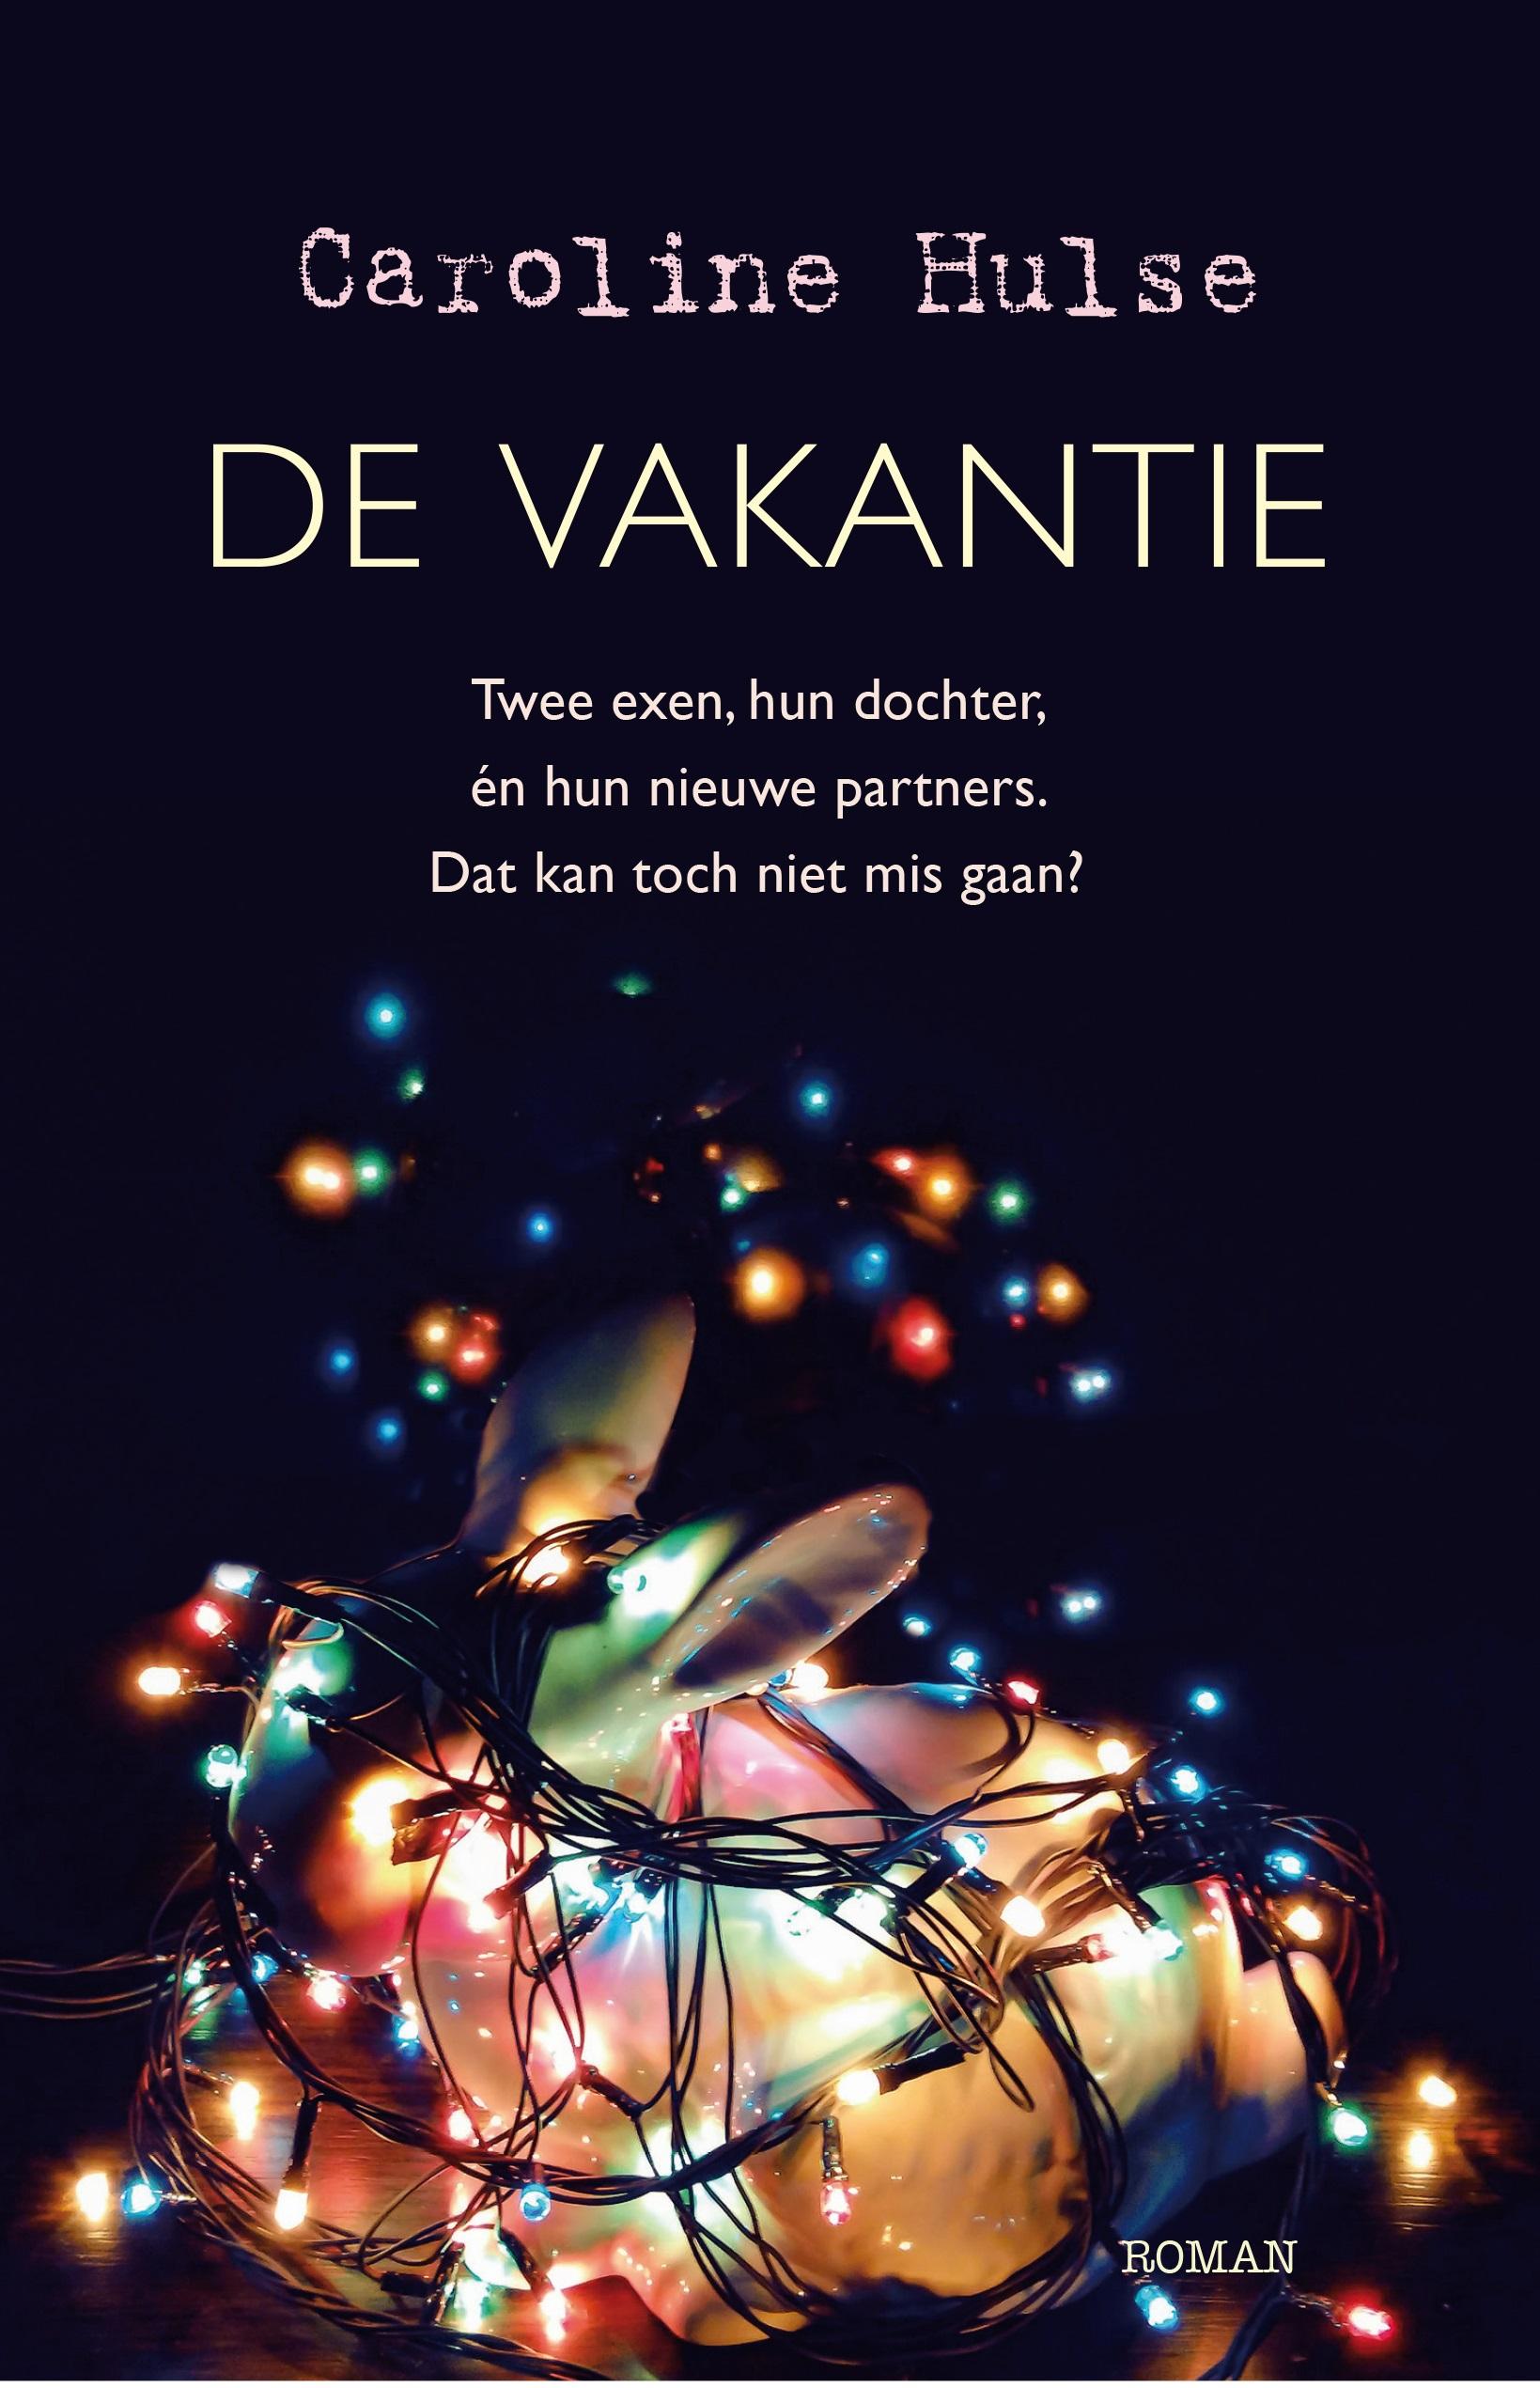 De vakantie - boekenflits.nl